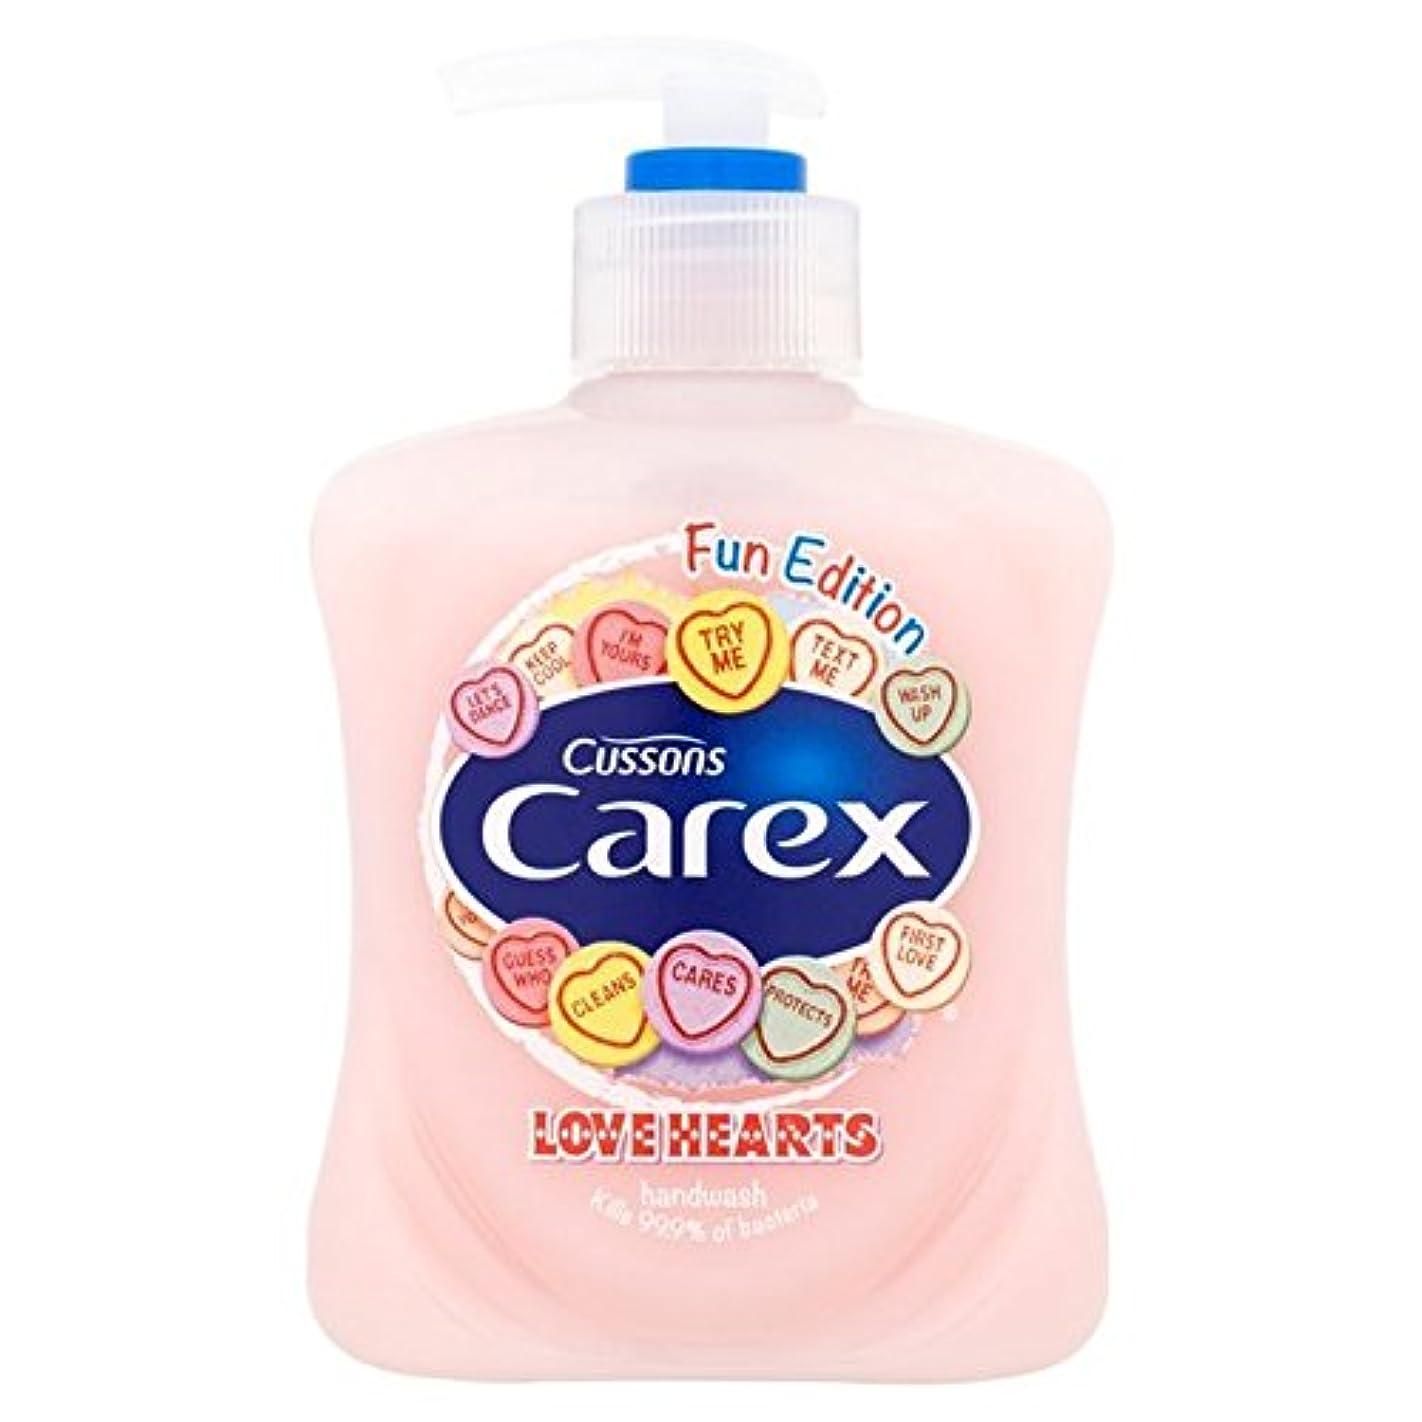 繊毛誕生後Carex Fun Edition Love Hearts Hand Wash 250ml - スゲ楽しい版愛の心のハンドウォッシュ250ミリリットル [並行輸入品]